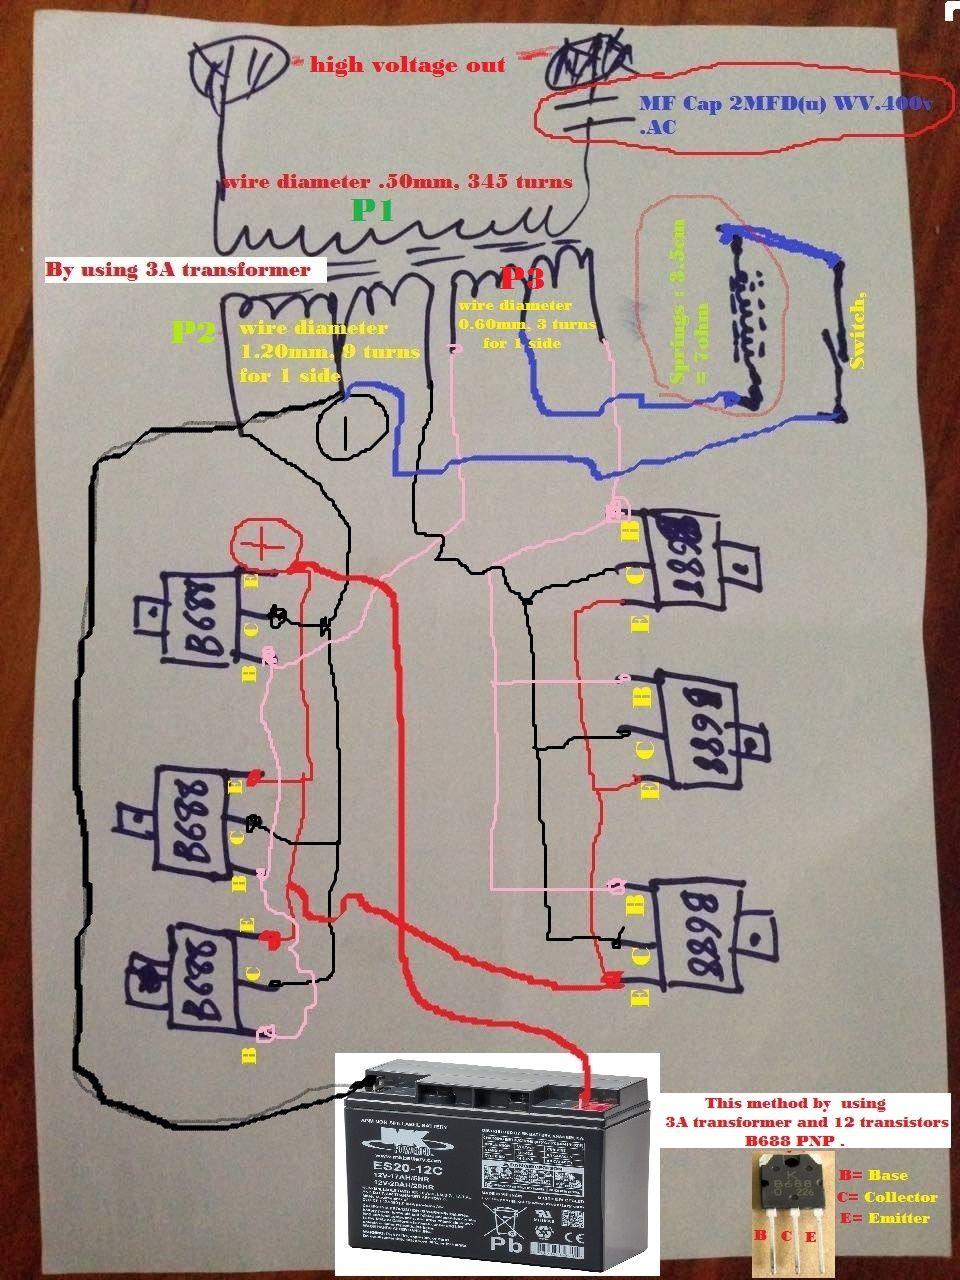 medium resolution of fish shocker schematic diagram on electric shocker schematic diagram electric shocker schematic diagram get free image about wiring